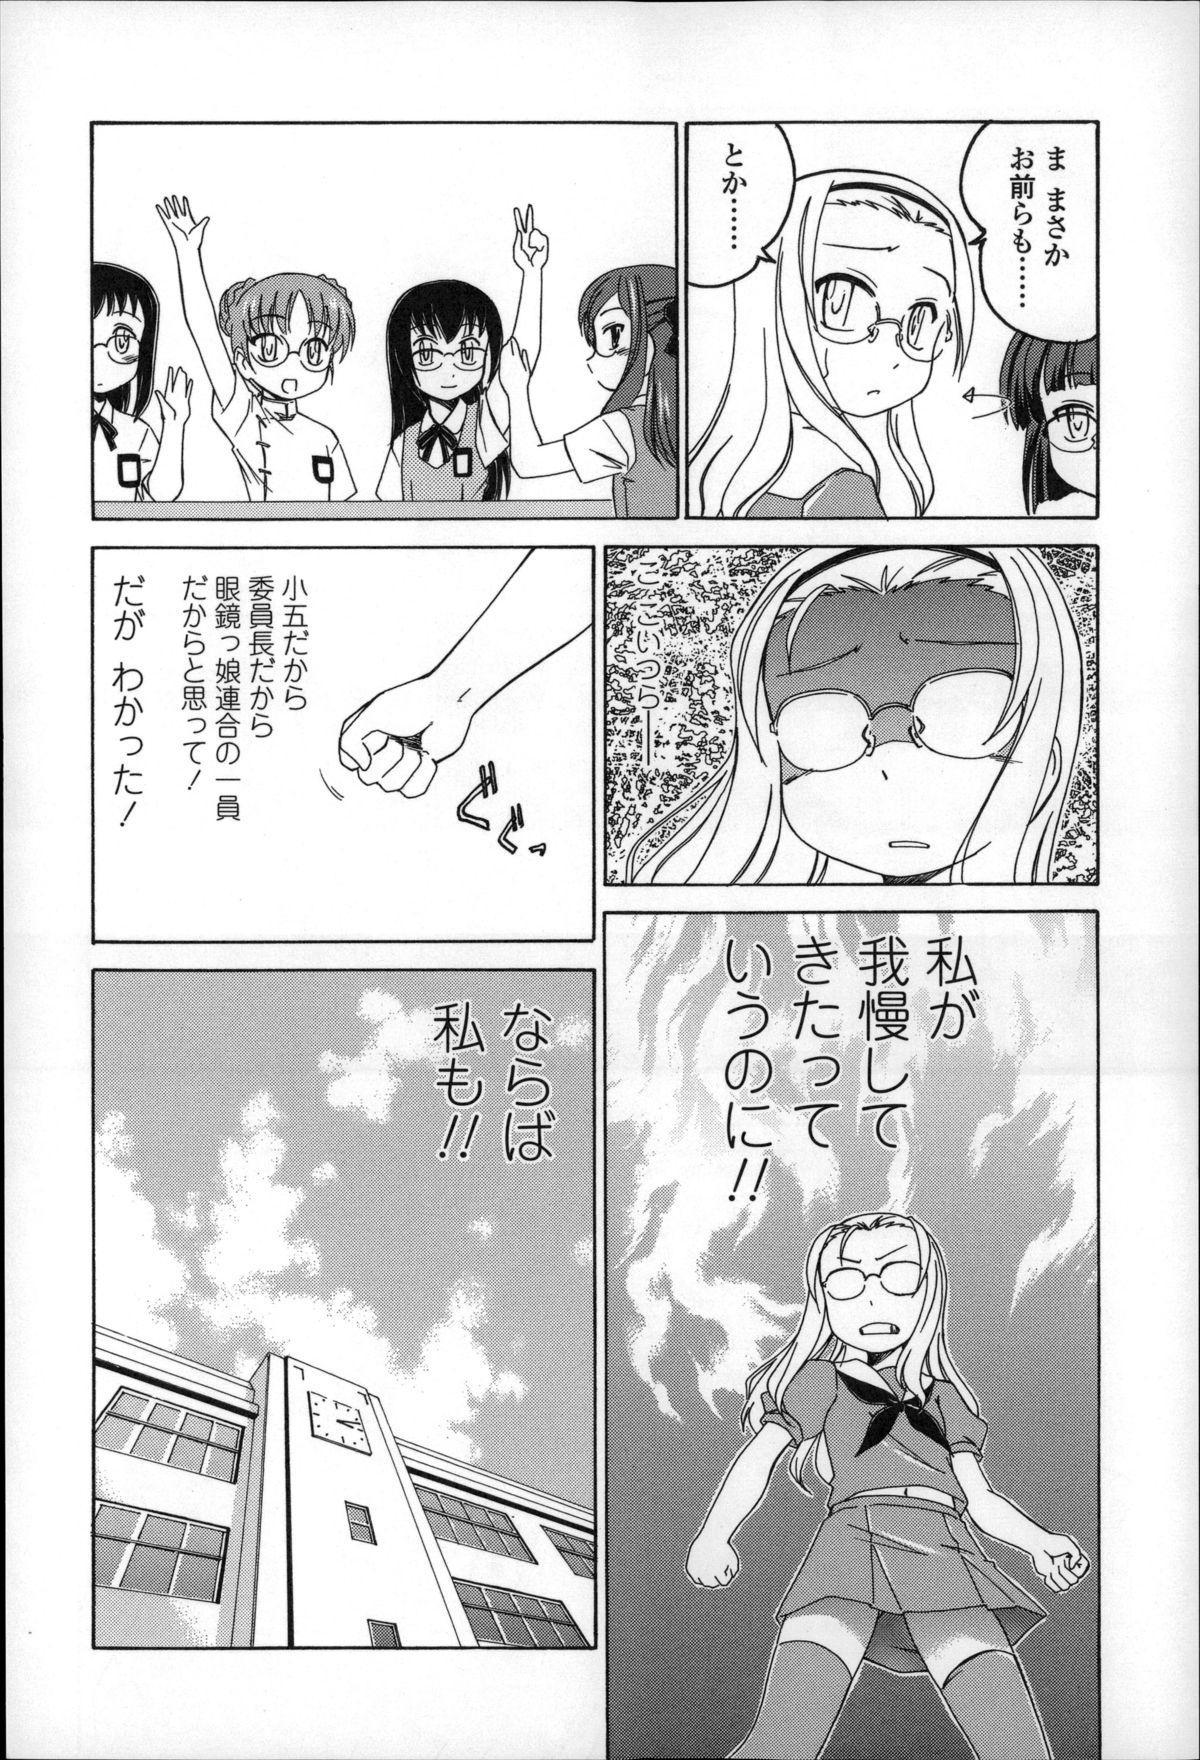 Youshou no Hana no Himitsu - The secret of Girls flowers 23